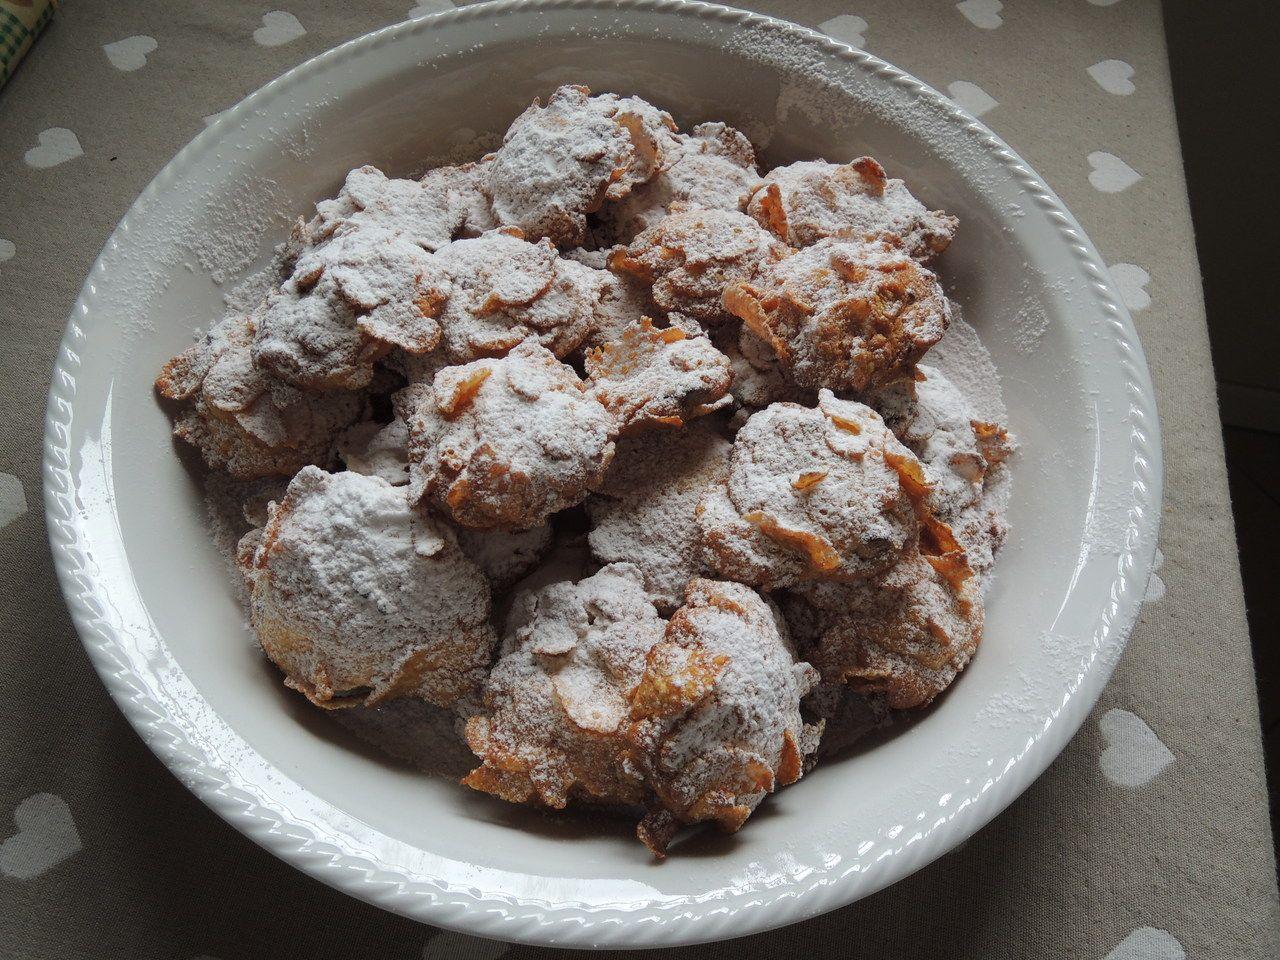 Questa ricetta di biscotti me l'ha data la mia vicina di casa e devo dire che mi ha molto soddisfatta. Tutte le volte che li ho preparati hanno avuto molto successo fra parenti e amici, sono così leggeri che ne mangeresti uno dietro l'altro.